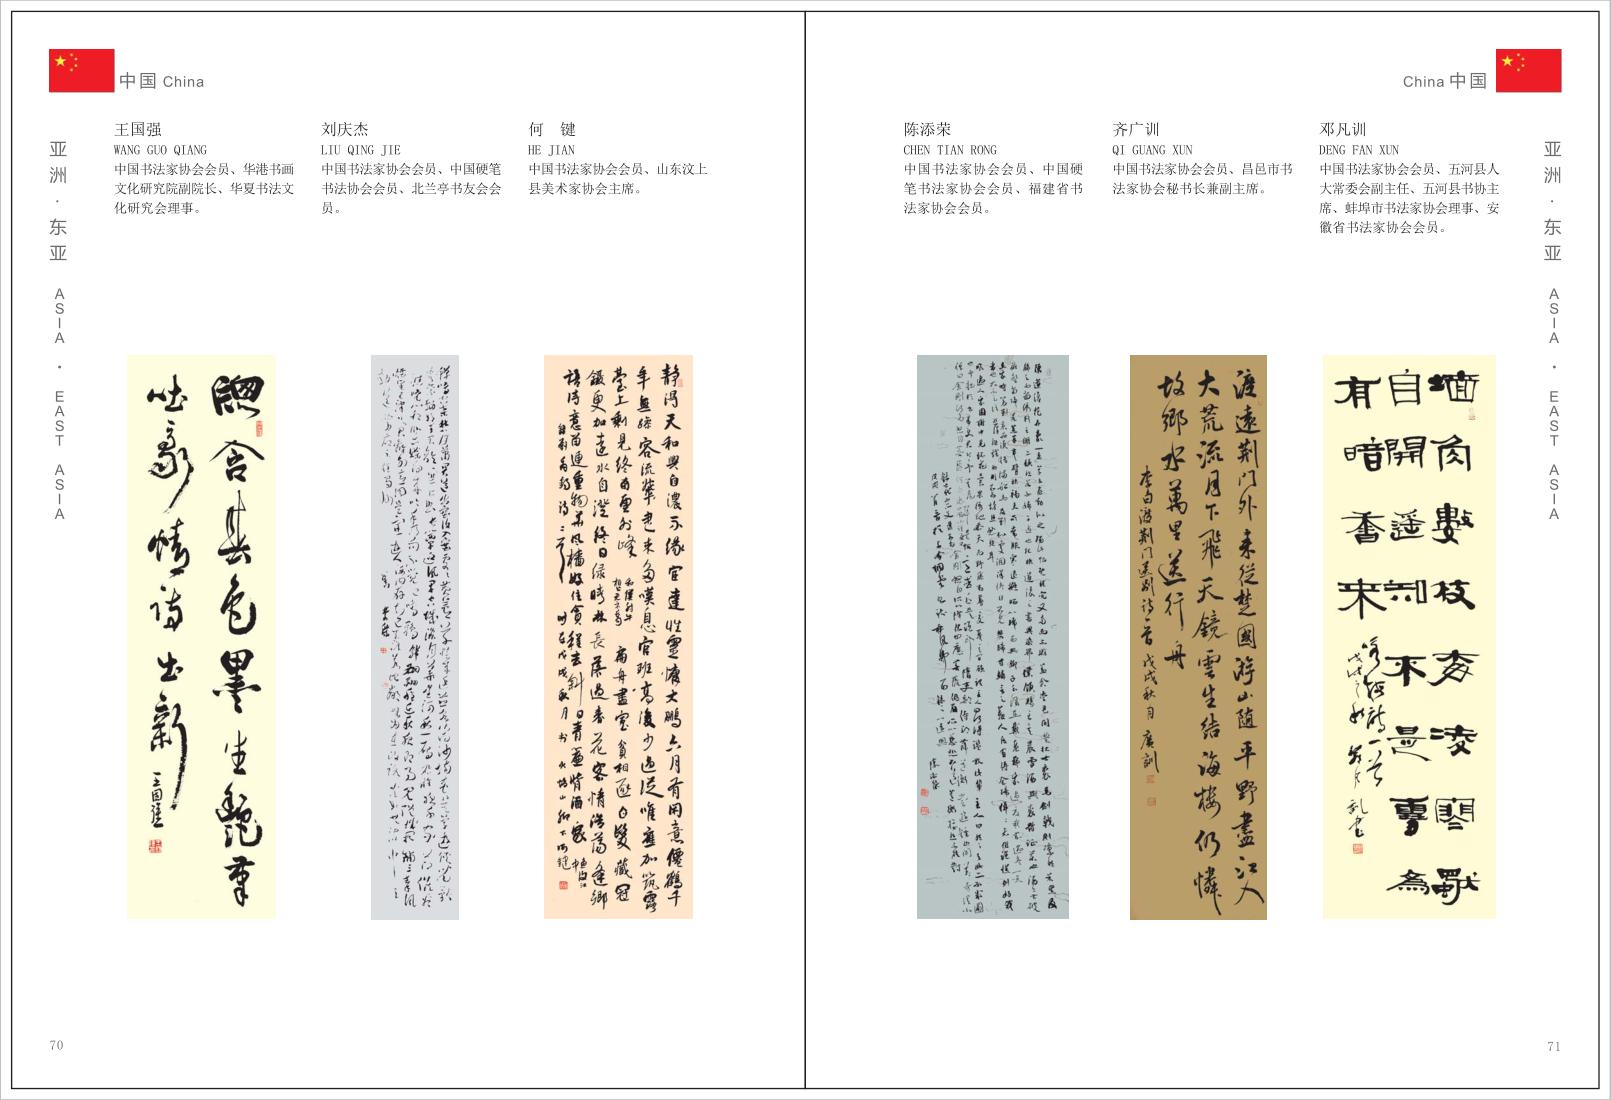 191页2_37.png